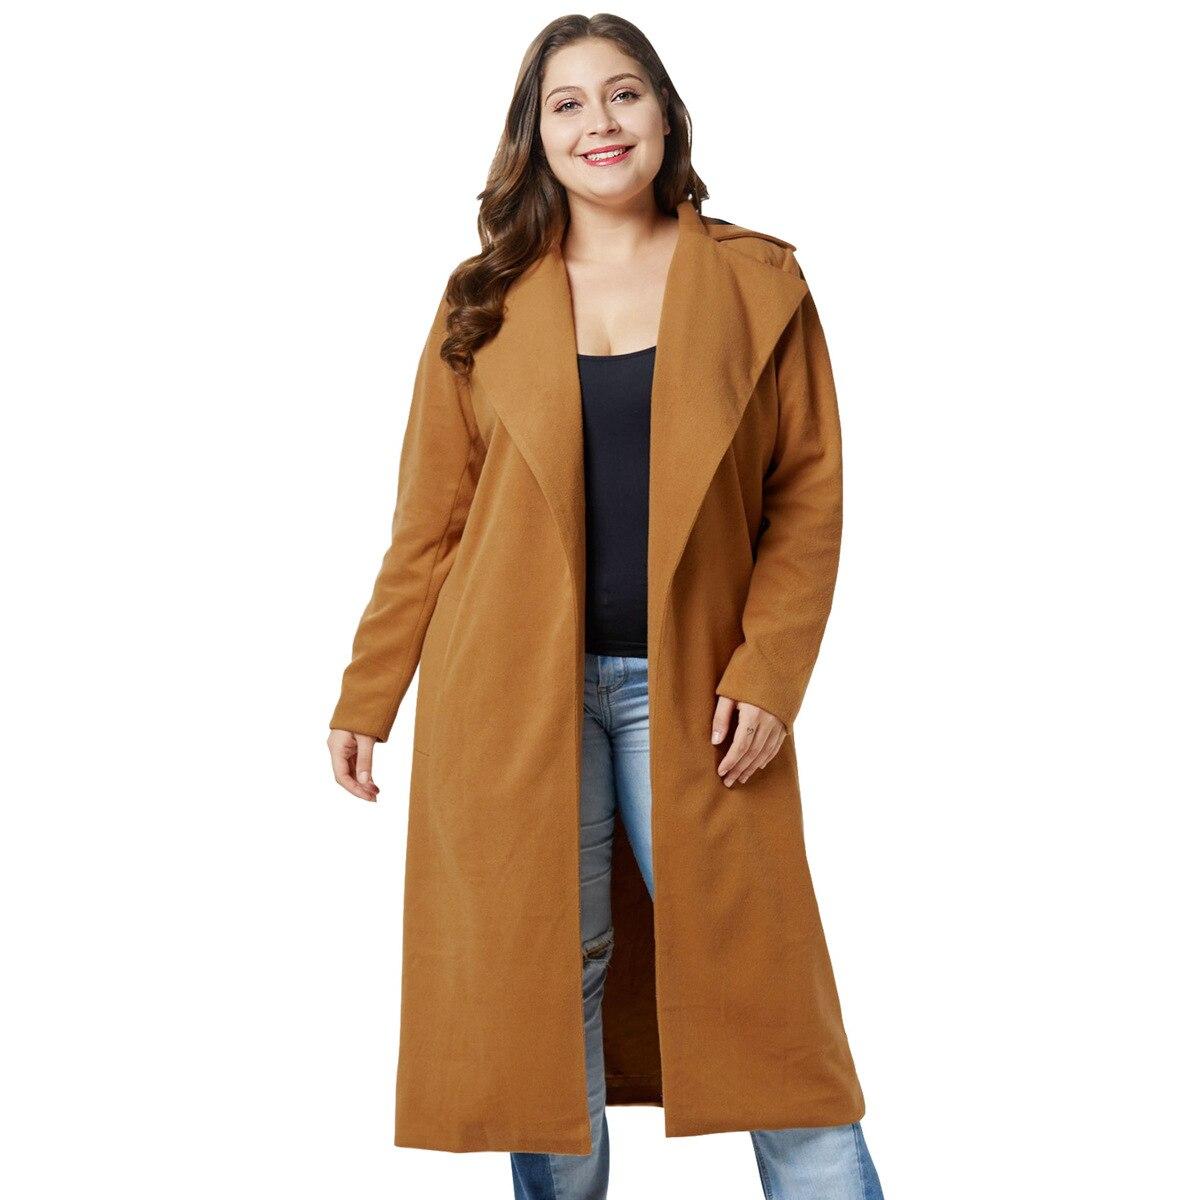 c800d8fa7e909 La Plus Manteaux Costume Femmes Pardessus Tendance Nouvelle camel Veste  Revers Bleu Taille De frontière D hiver ...